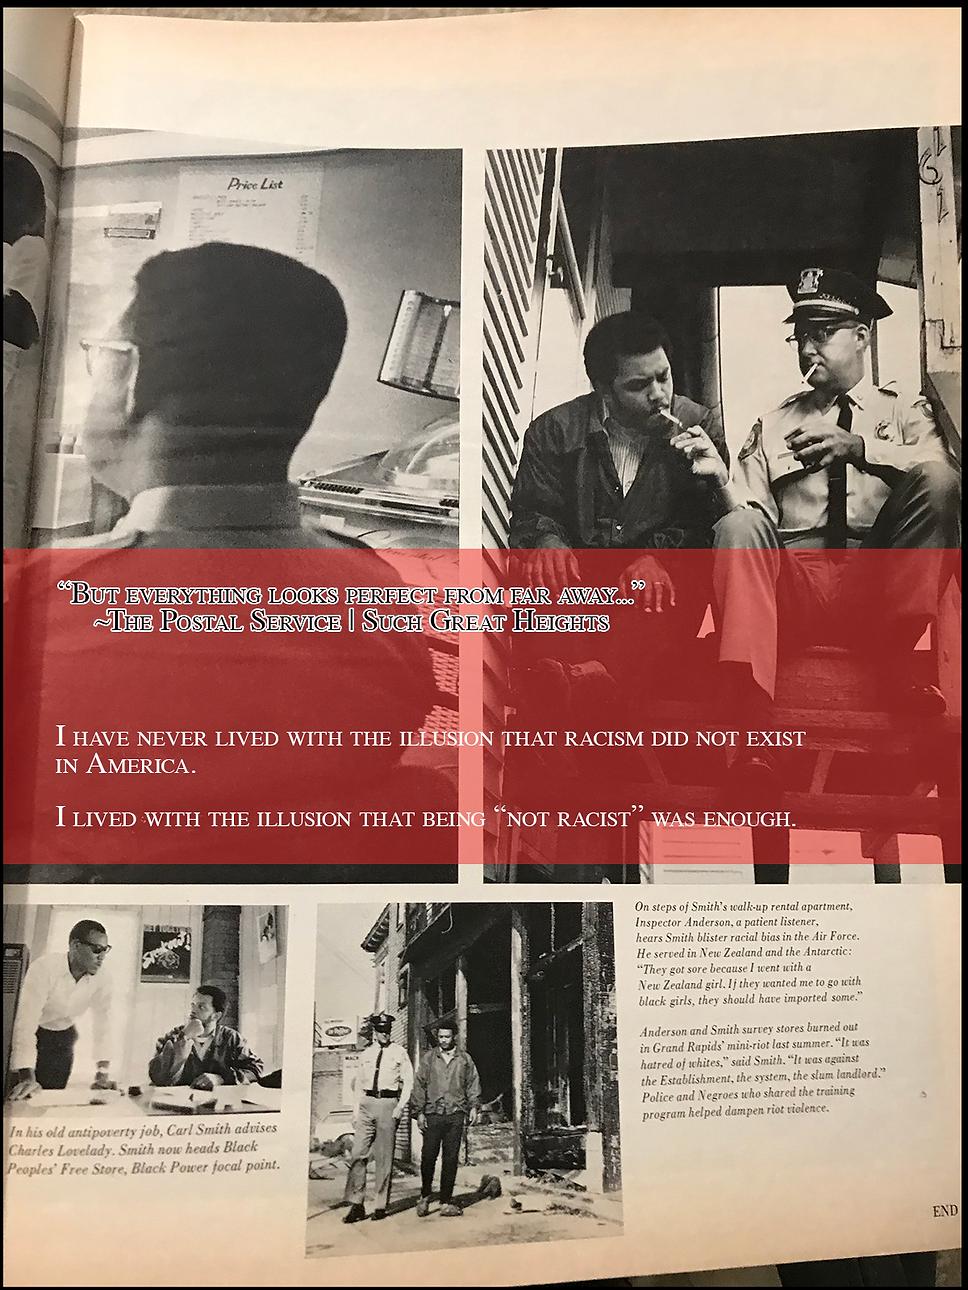 LookMagazine_2_6_1968_NewZealandGirl_ima